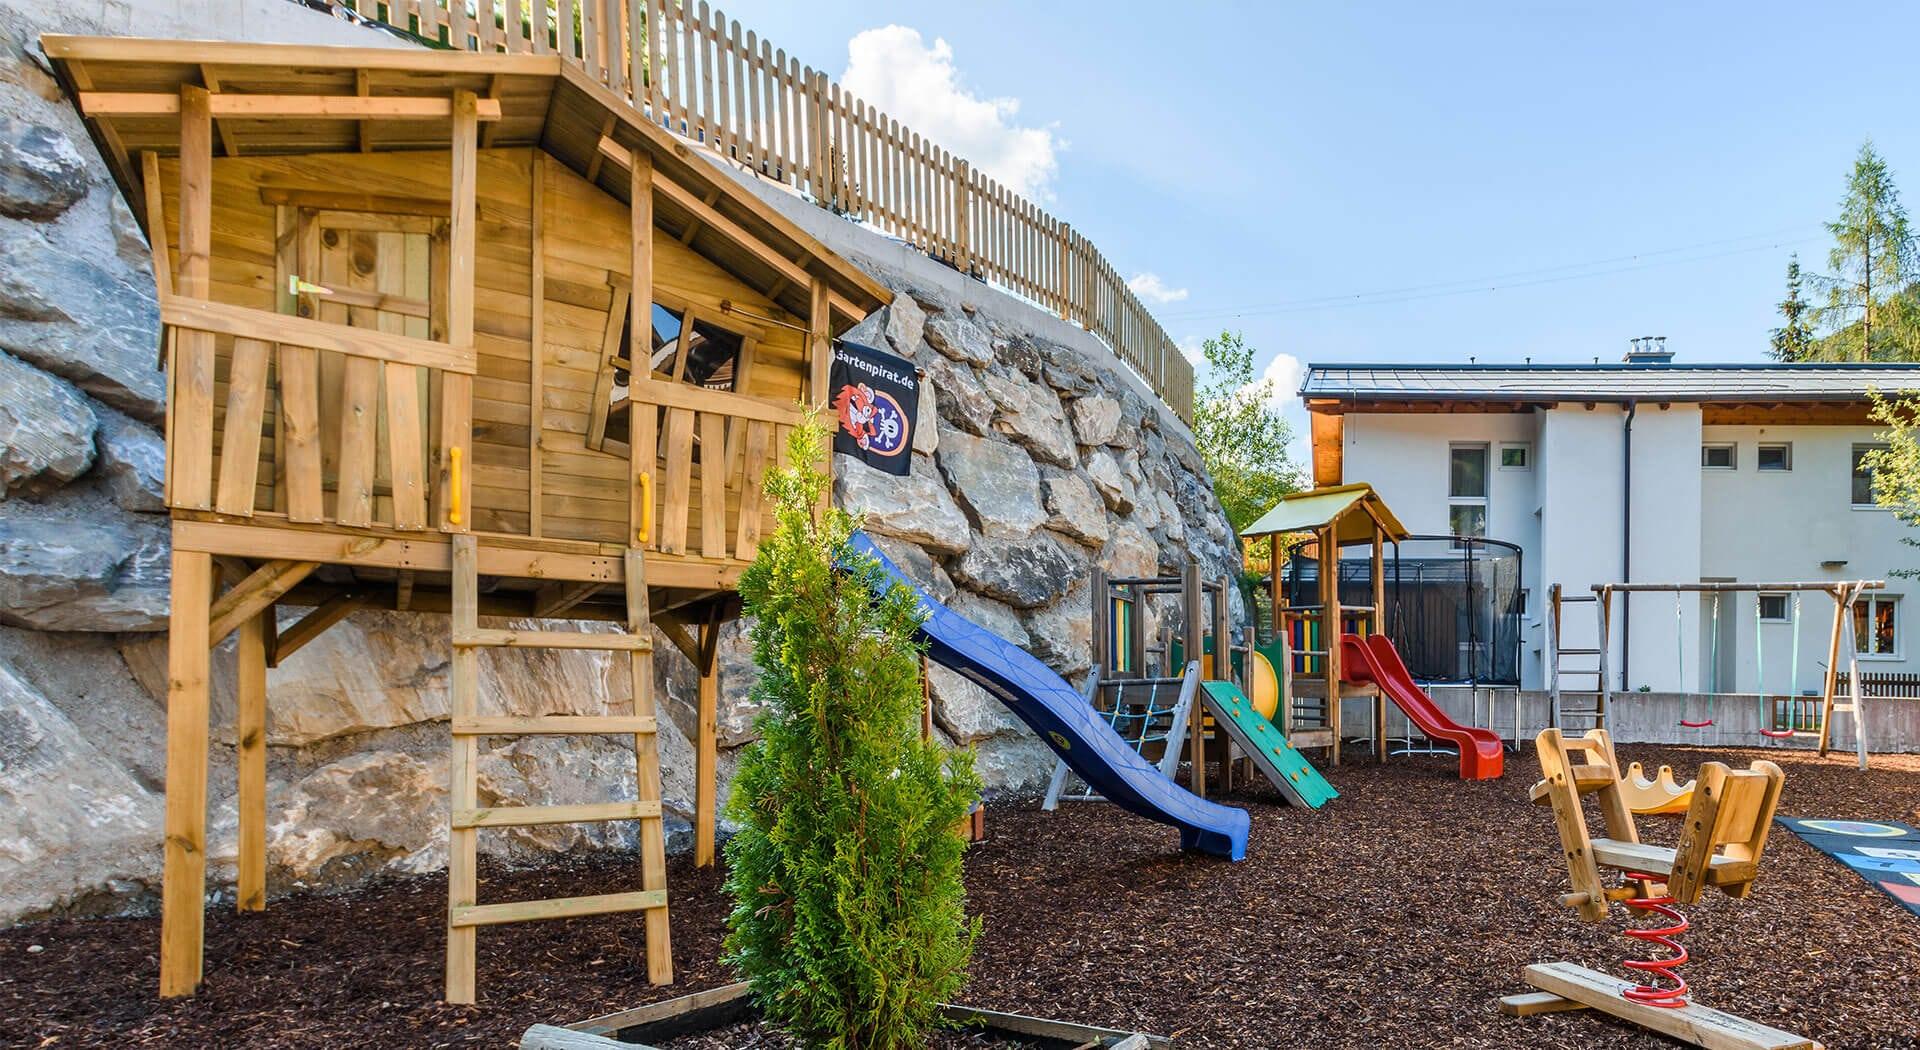 Kinderspielplatz beim Hotel Hubertus in Wagrain, Salzburger Land